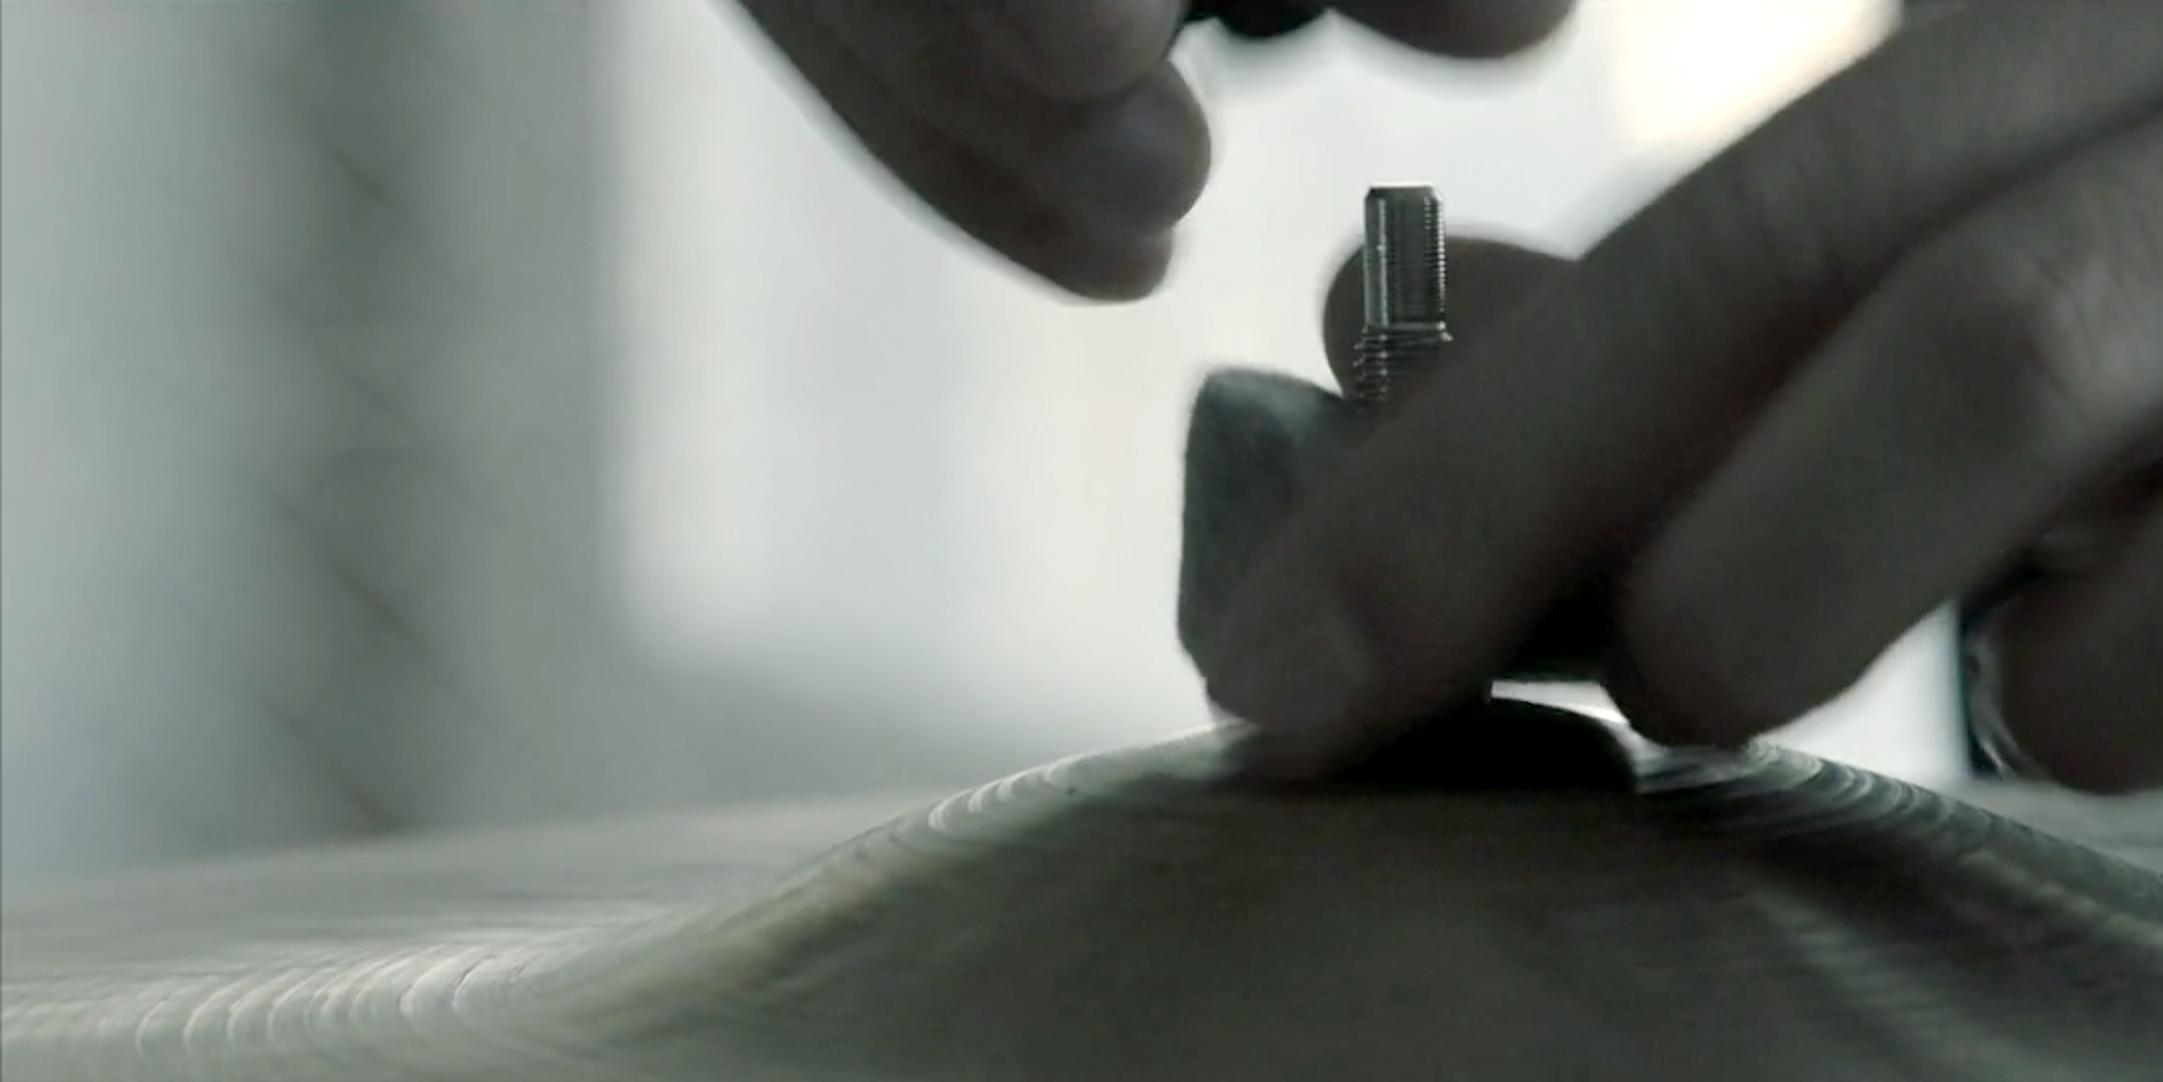 Musikvideo Industrial für Yokko by Werbeagentur Bern - Blitz & Donner